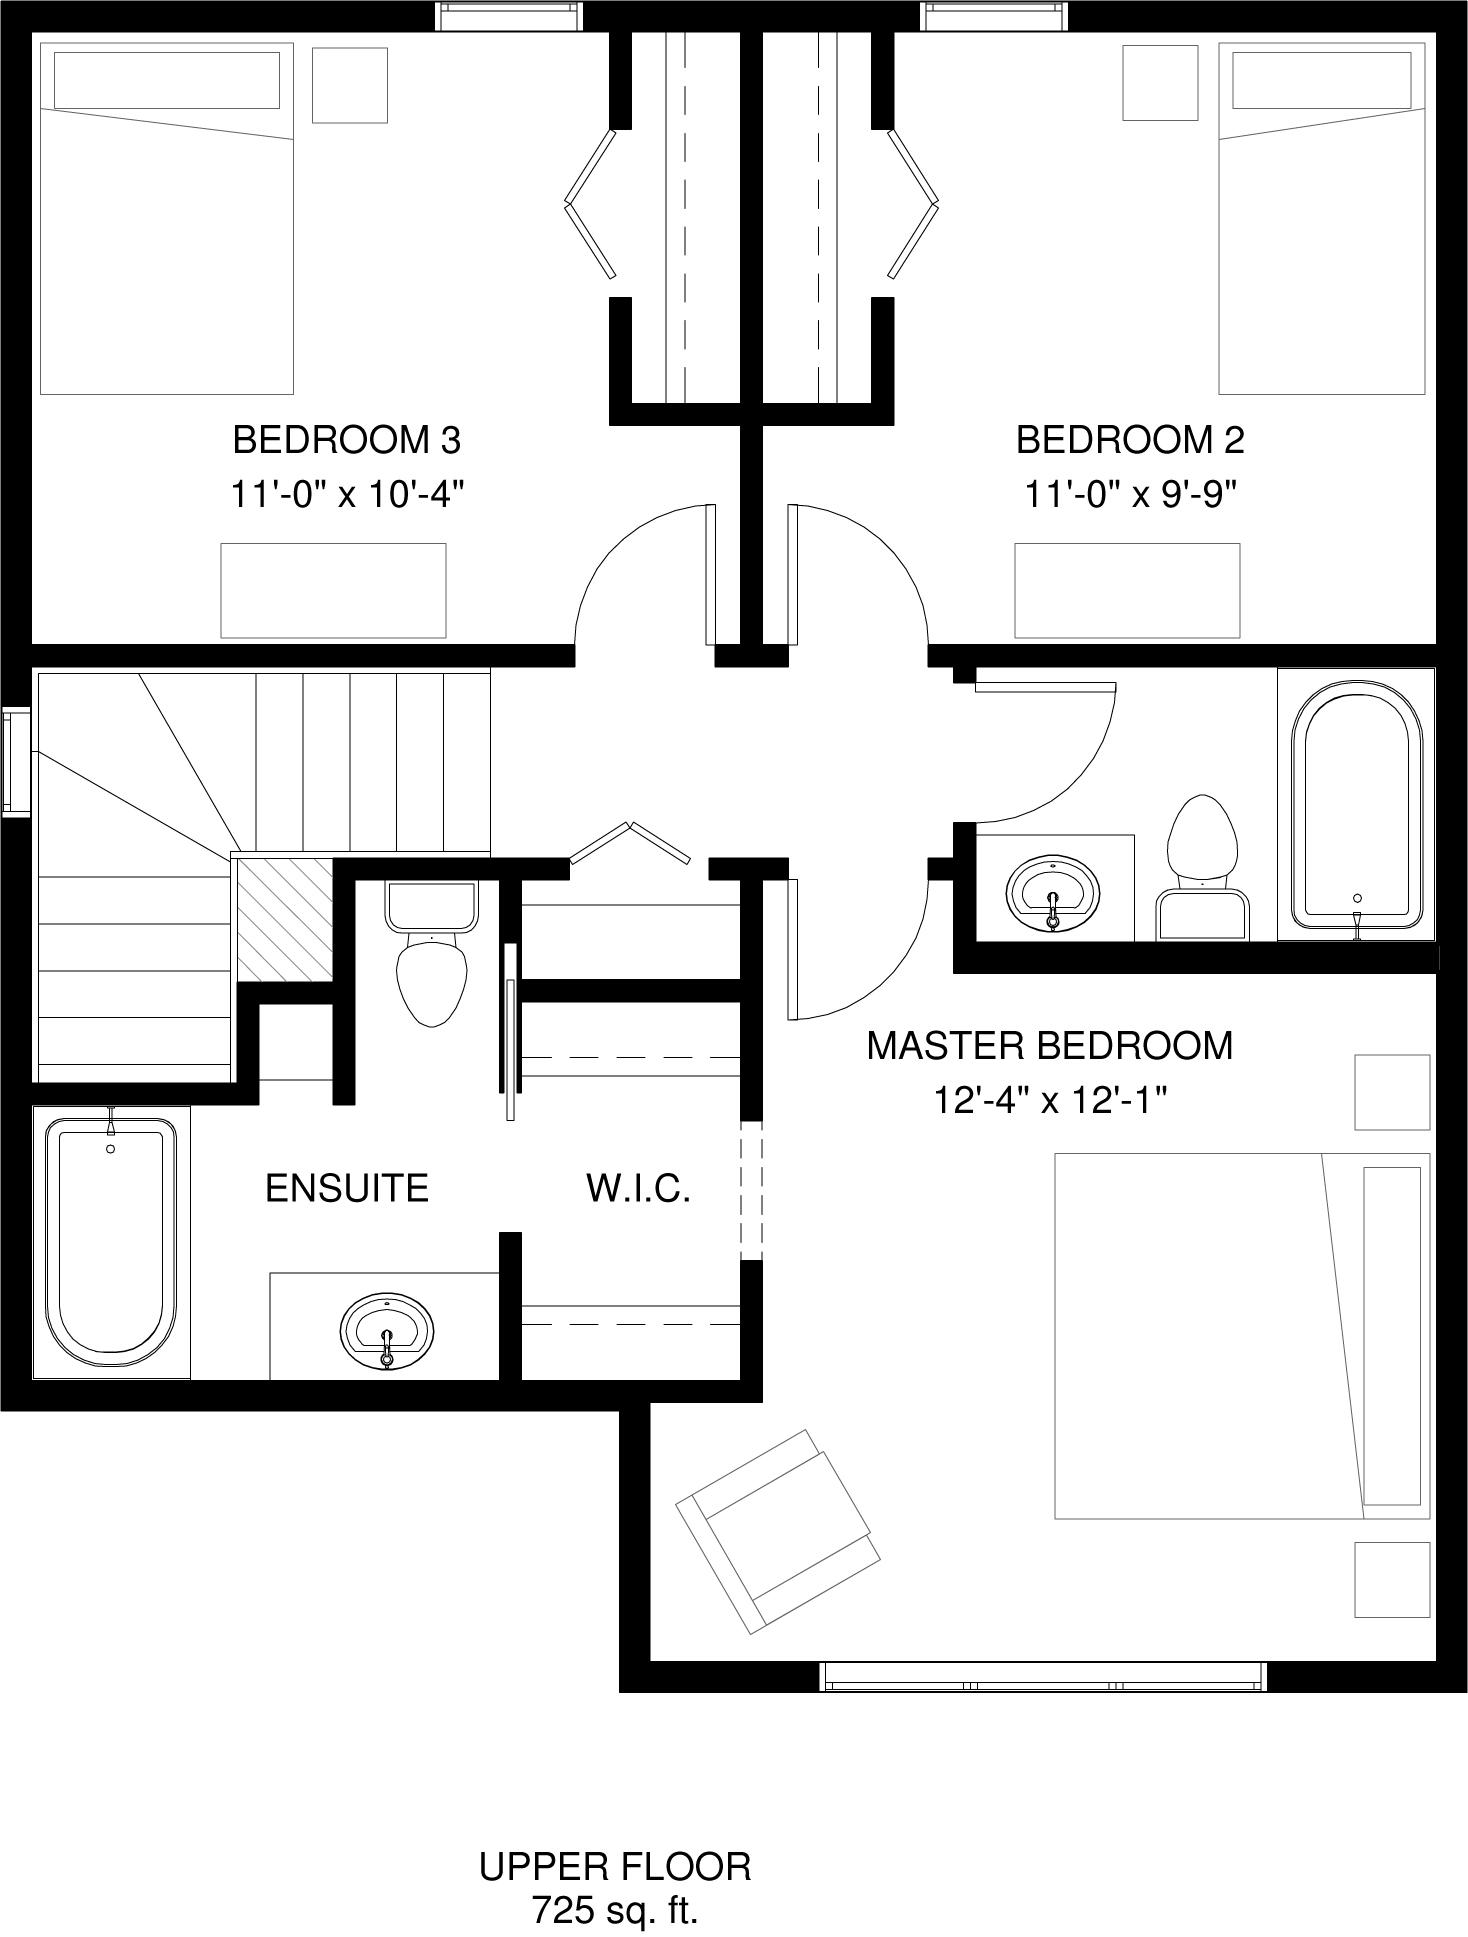 Upper Floor   725 sq ft